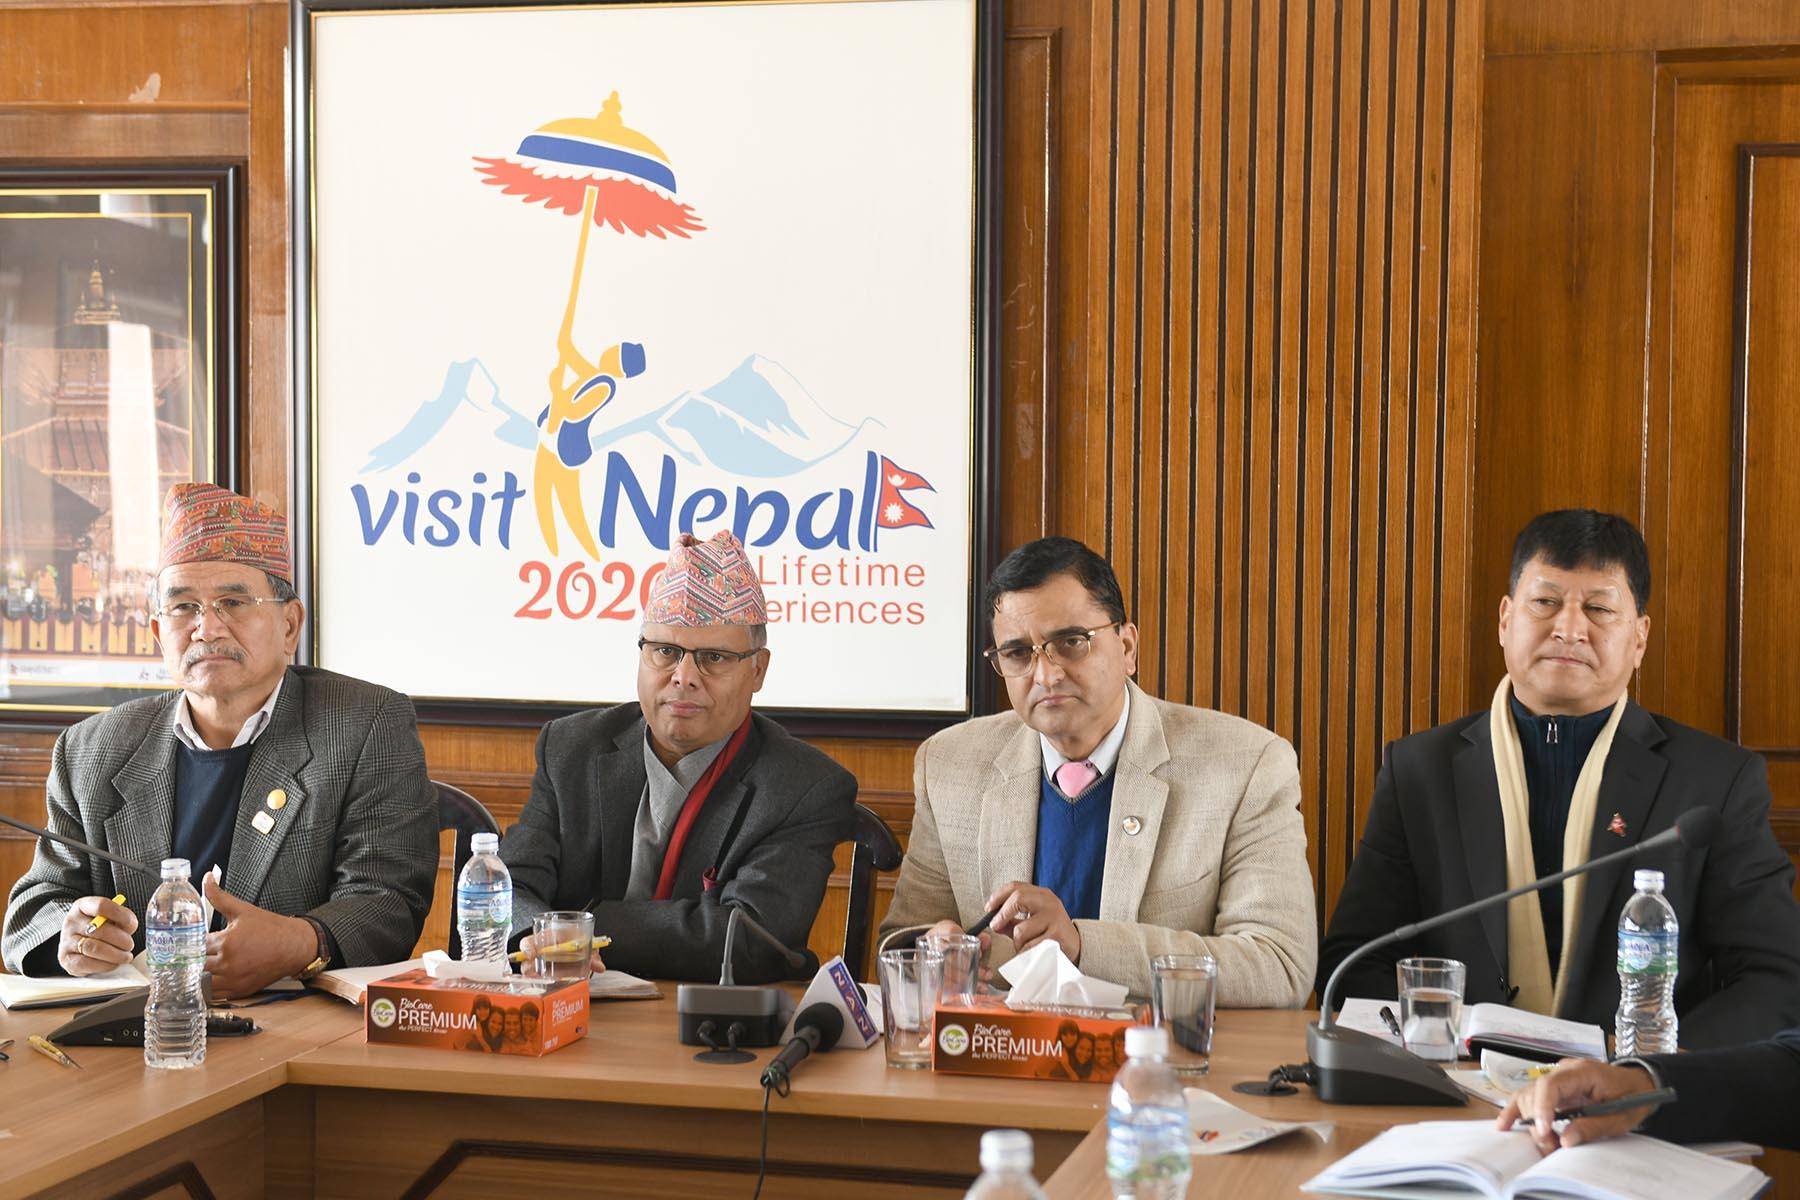 नेपाल भ्रमण बर्ष २०२० का सन्दर्भमा काठमाडौं उपत्यकाका नगर प्रमुखहरुसँगको अन्तरक्रिया कार्यक्रमका- तस्वीर (२०७६-०९-०९)